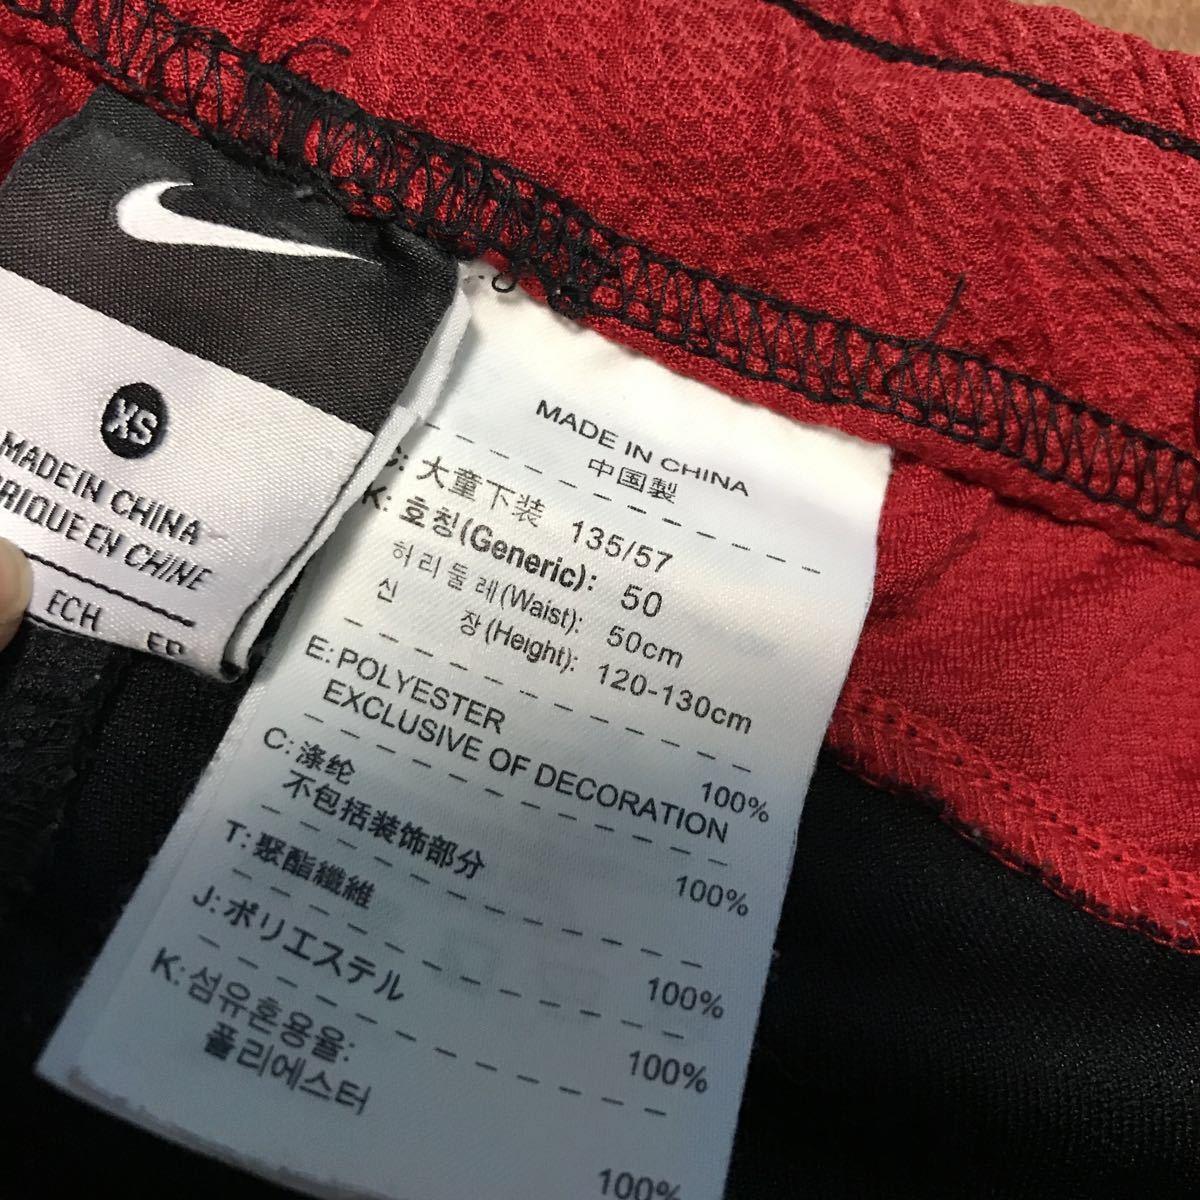 ☆ ナイキ ☆ NIKE ジャージ 上下セット 120 125 130 サイズ XS 赤 黒 ストライプ_画像4